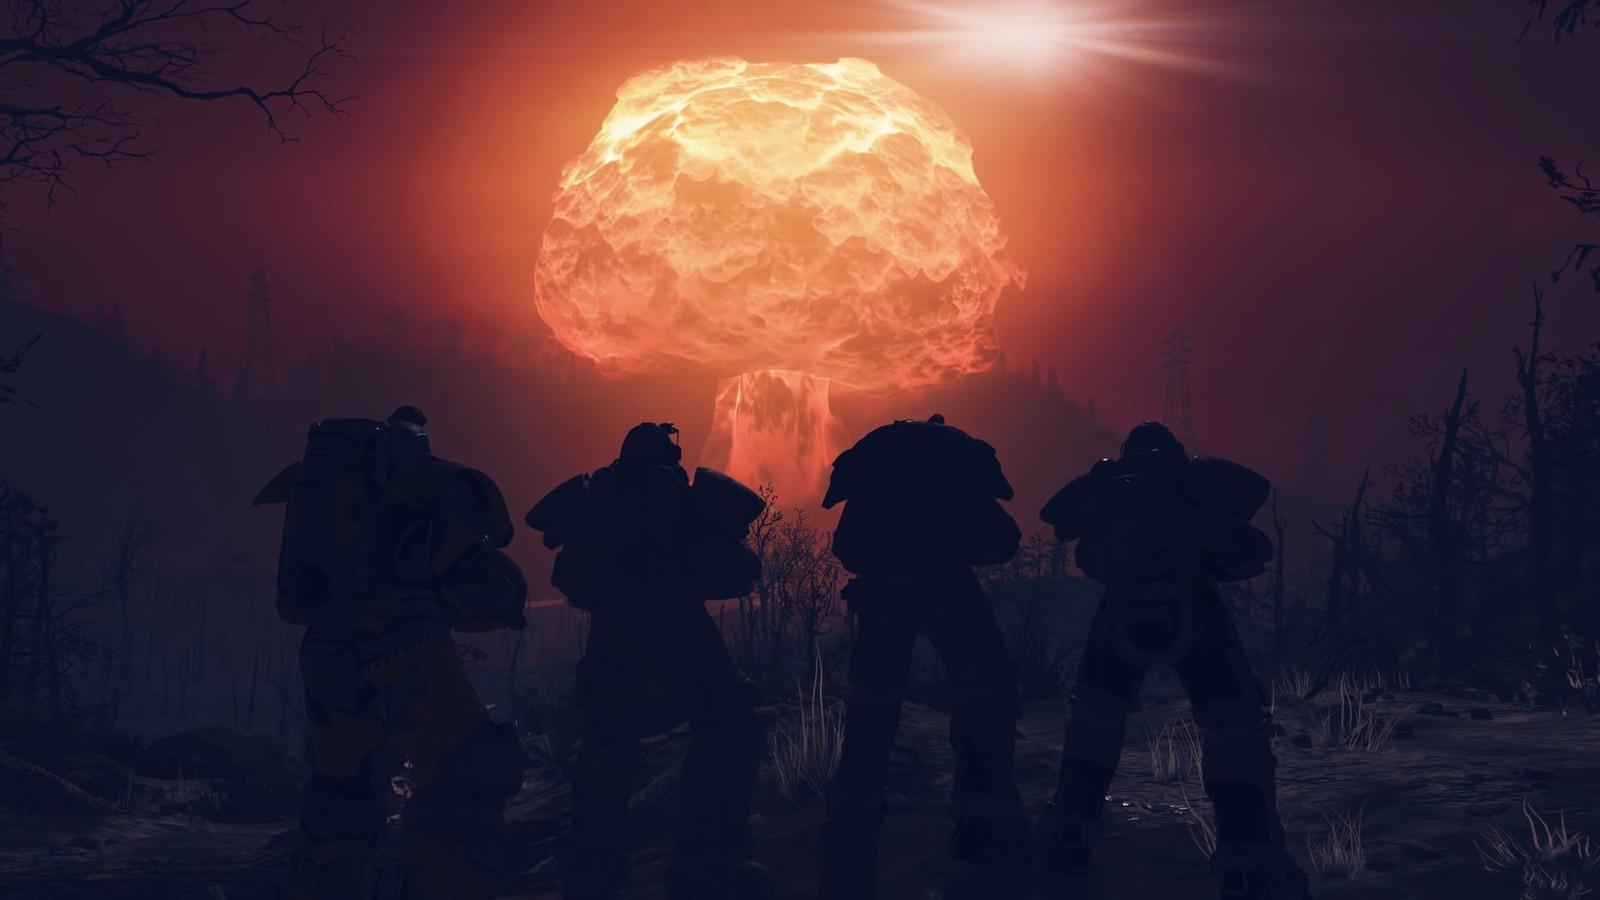 """核弹专家对于《辐射76》中使用核弹表示""""并不有趣"""""""